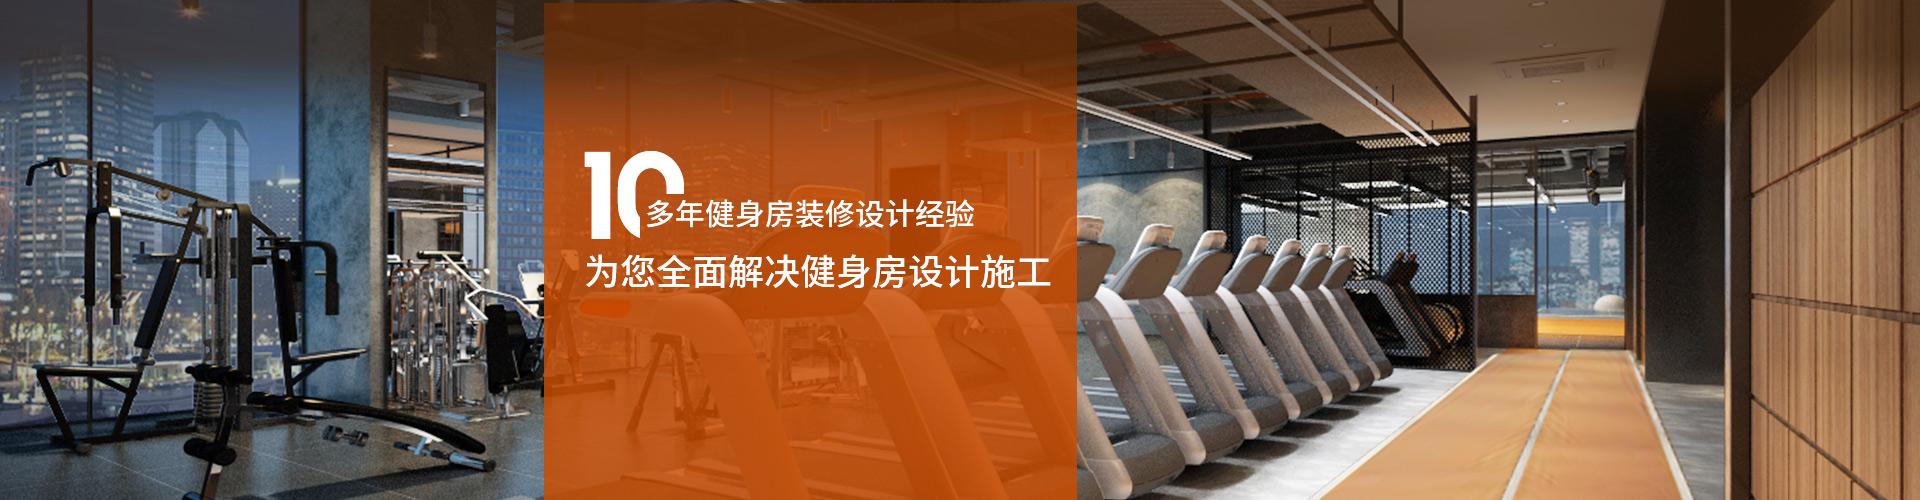 10多年健身房装修设计经验,为您全面解决健身房设计施工